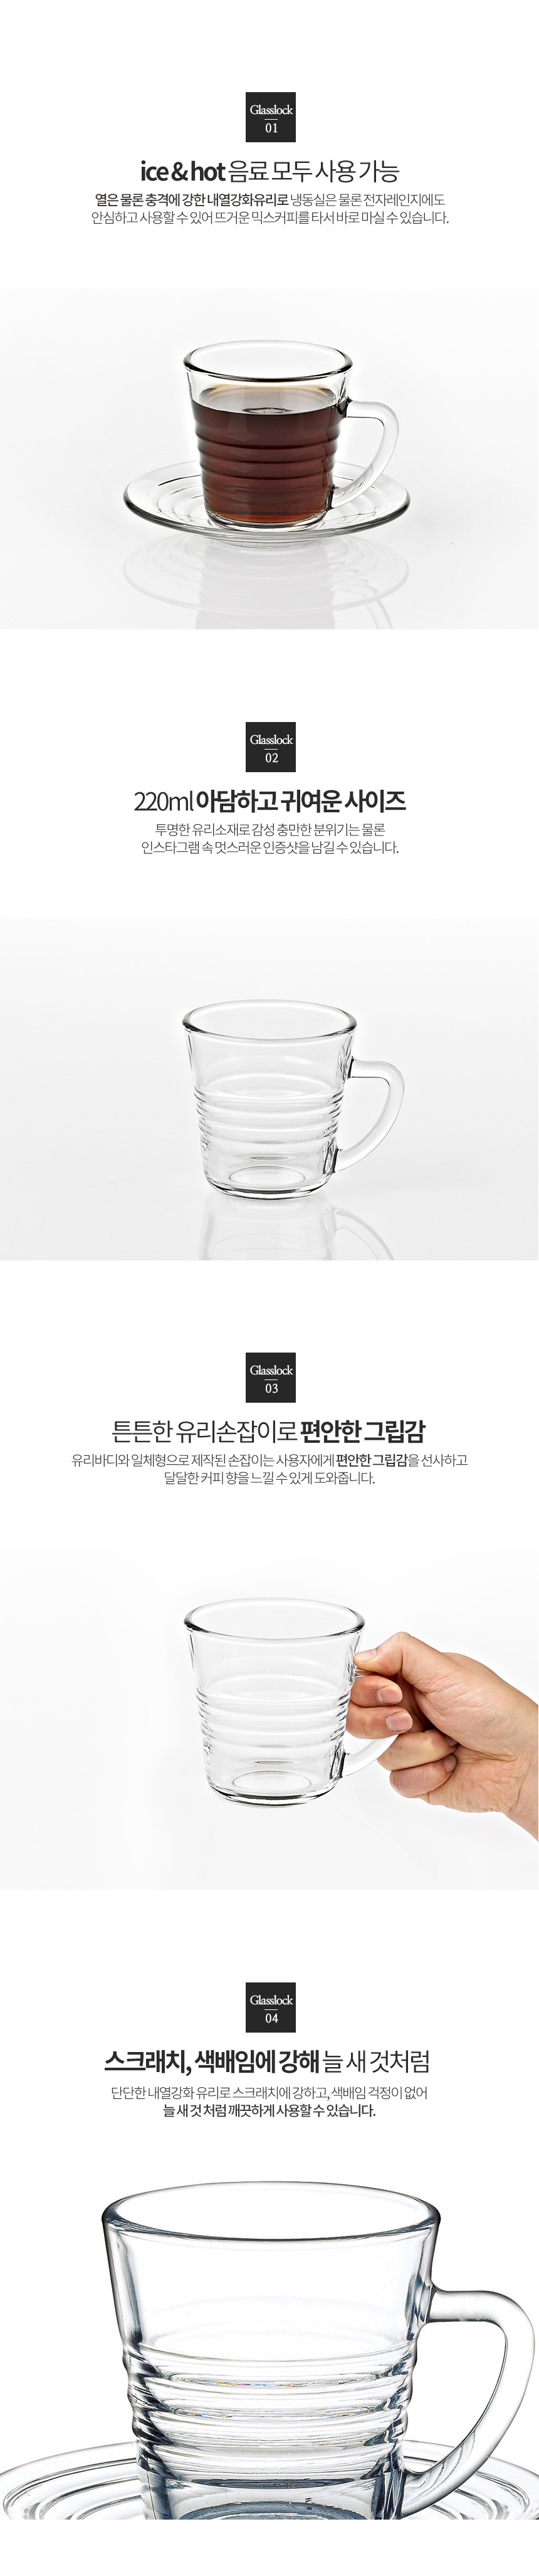 글라스락 내열강화 믹스커피 머그 220ml_4조 - 글라스락, 11,500원, 유리컵/술잔, 유리컵